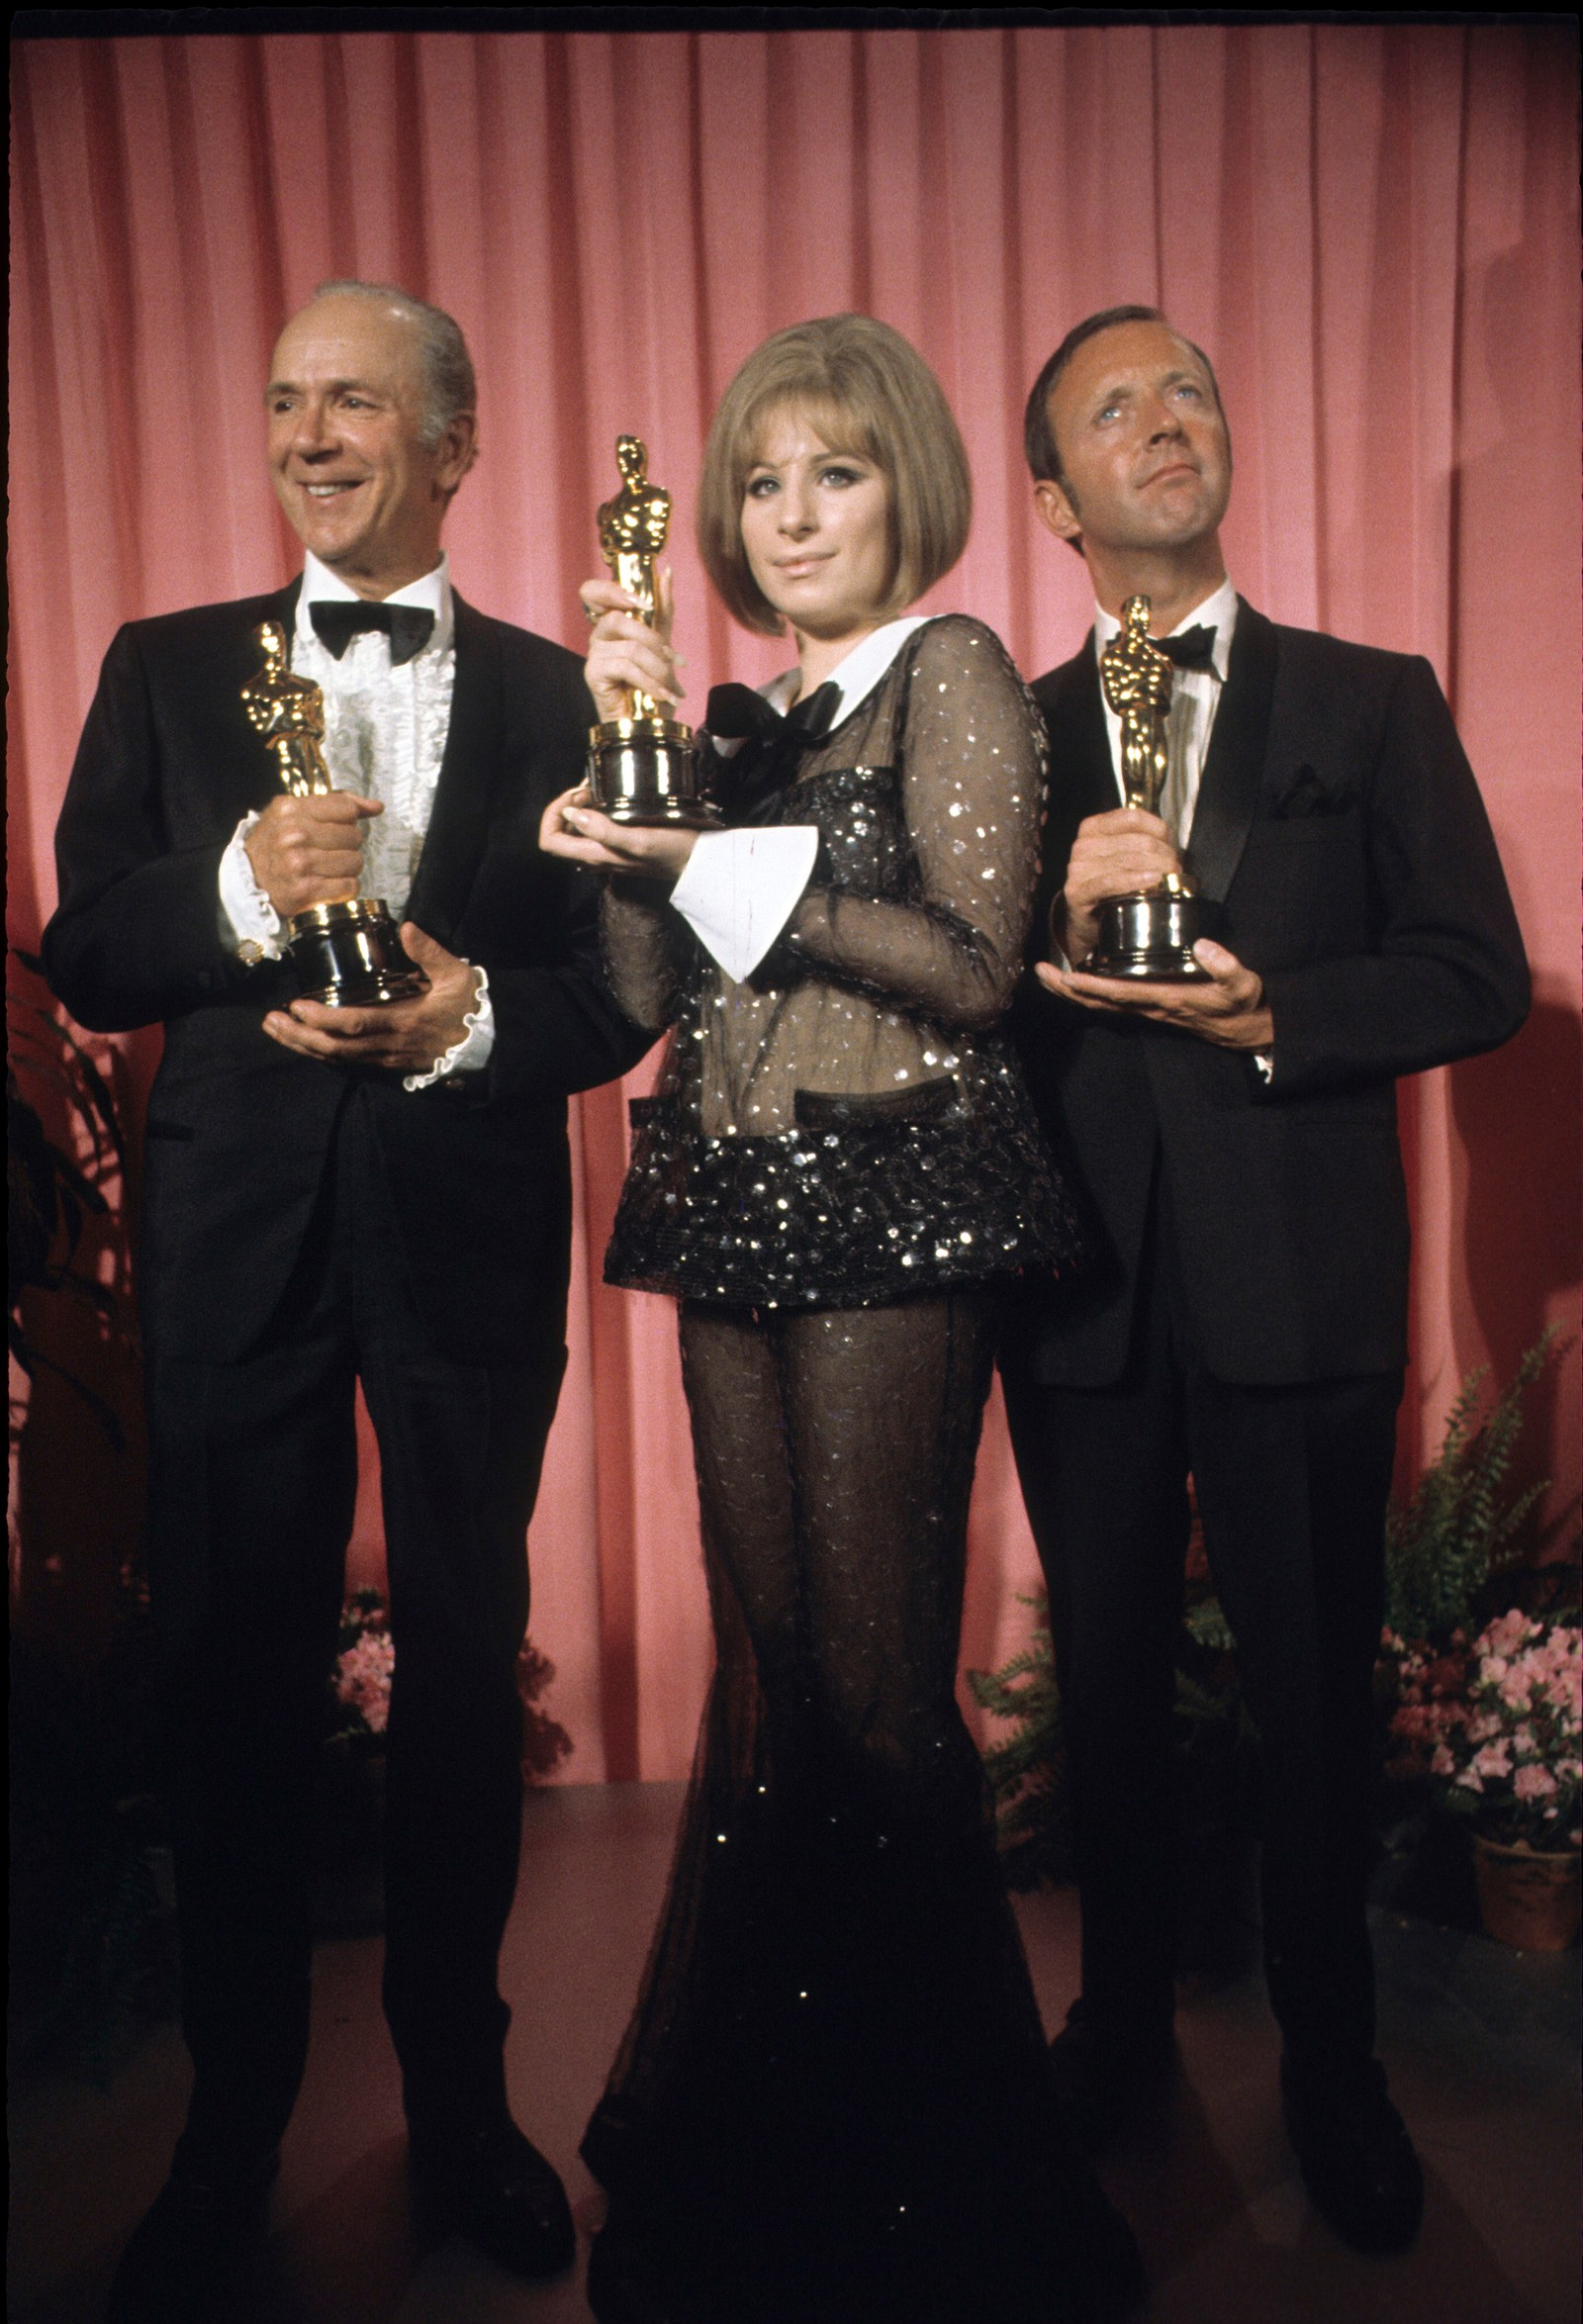 Barbra Streisand, 1969 Khi Barbra Streisand mang về giải thưởng nữ diễn viên xuất sắc nhất cho vai diễn trong Funny Girl, nữ ca sĩ-nữ diễn viên mặc một chiếc quần bó sát của Arnold Scaasi, với đôi chân loe và còng tuxedo. Bản hòa tấu, tình cờ gần như hoàn toàn nhìn xuyên thấu, gây xôn xao dư luận, và sau đó, cô gái 26 tuổi sau đó nói rằng cô đã coi bộ trang phục lỗ hổng độc nhất trên sân khấu Oscar. Tôi không biết rằng khi ánh sáng chiếu vào bộ trang phục đó, nó sẽ trở nên trong suốt, cô nói trong một cuộc phỏng vấn sau đó. Tôi nghĩ rằng bản thân mình, tôi sẽ giành được hai giải Oscar trong đời và tôi sẽ bảo thủ hơn vào lần tới.